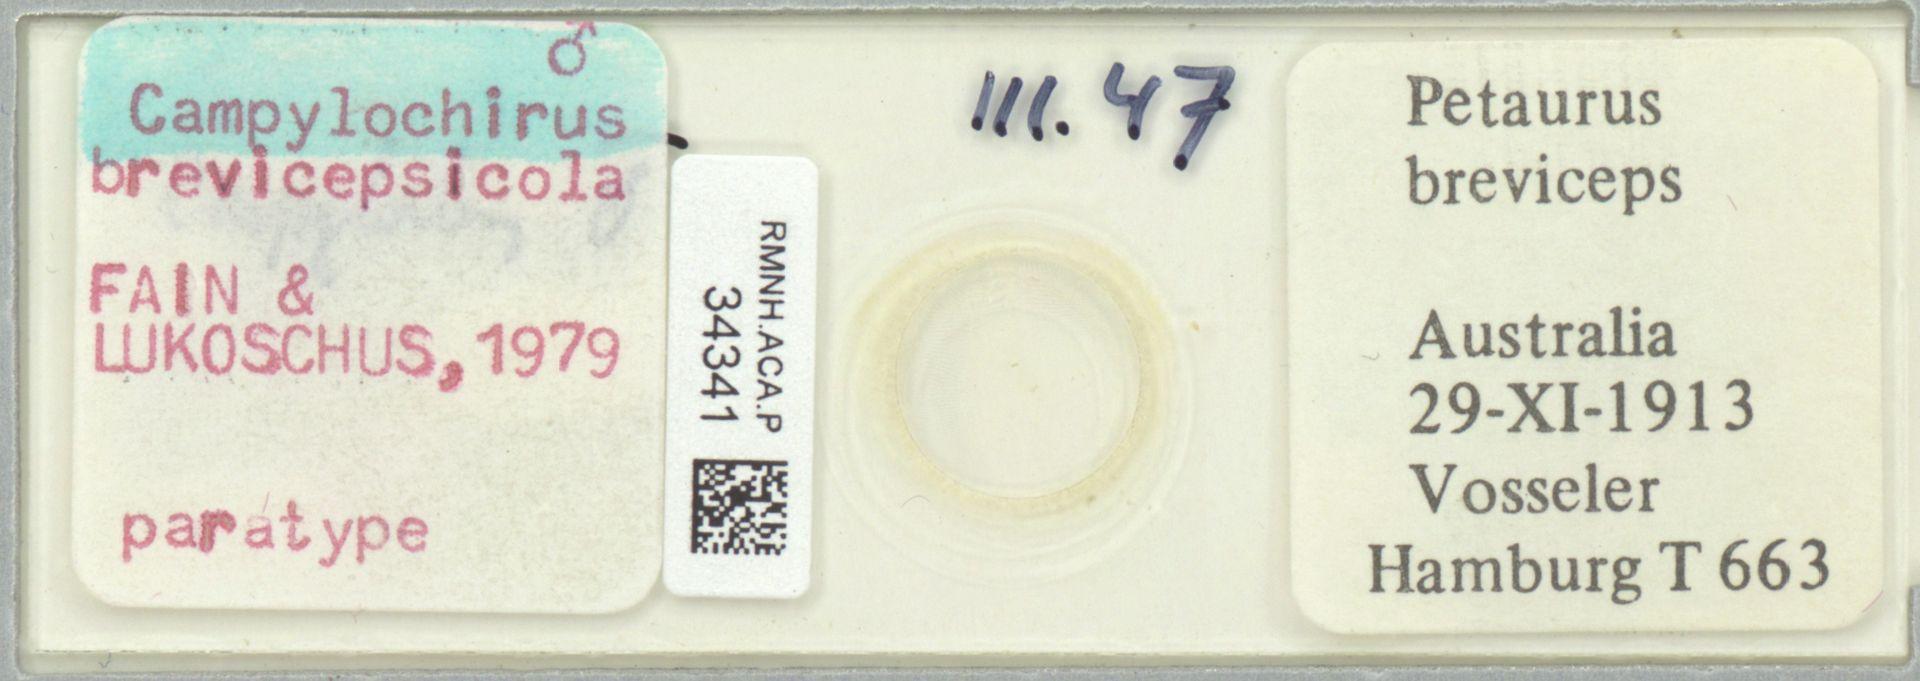 RMNH.ACA.P.34341   Campylochirus brevicepsicola Fain & Lukoschus, 1979